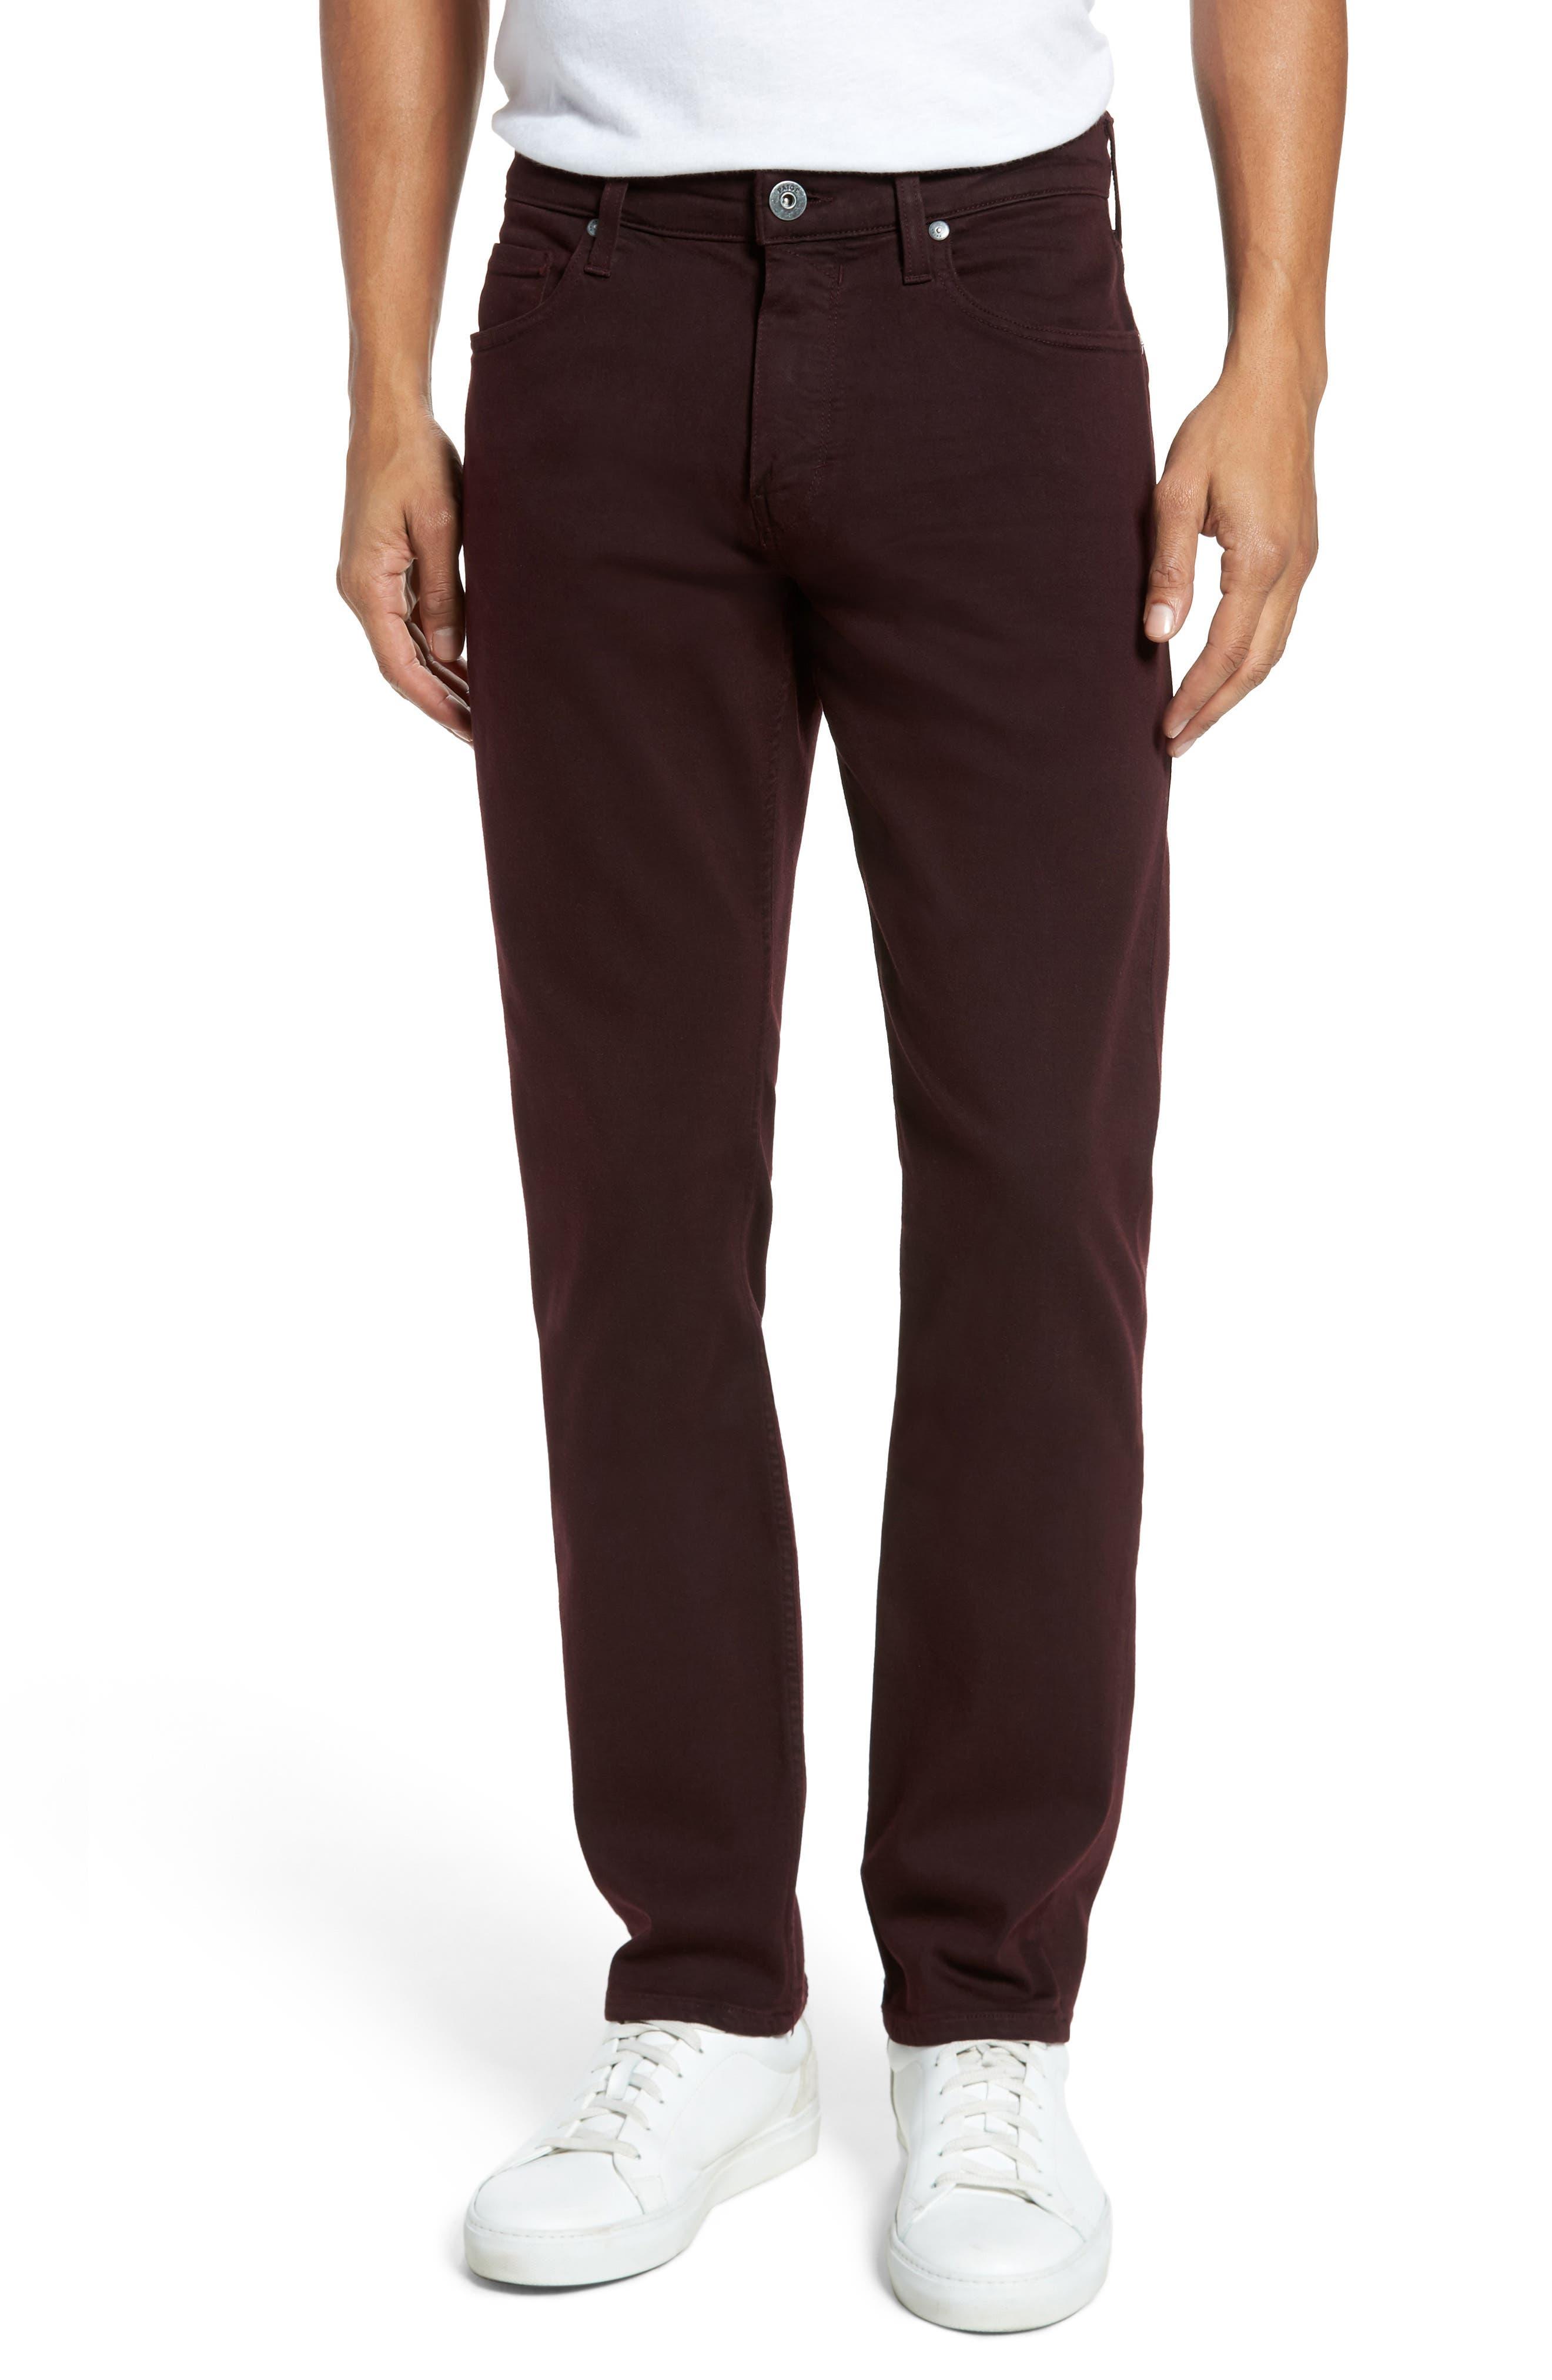 PAIGE Transcend - Federal Slim Straight Fit Jeans (Vintage Garnet)